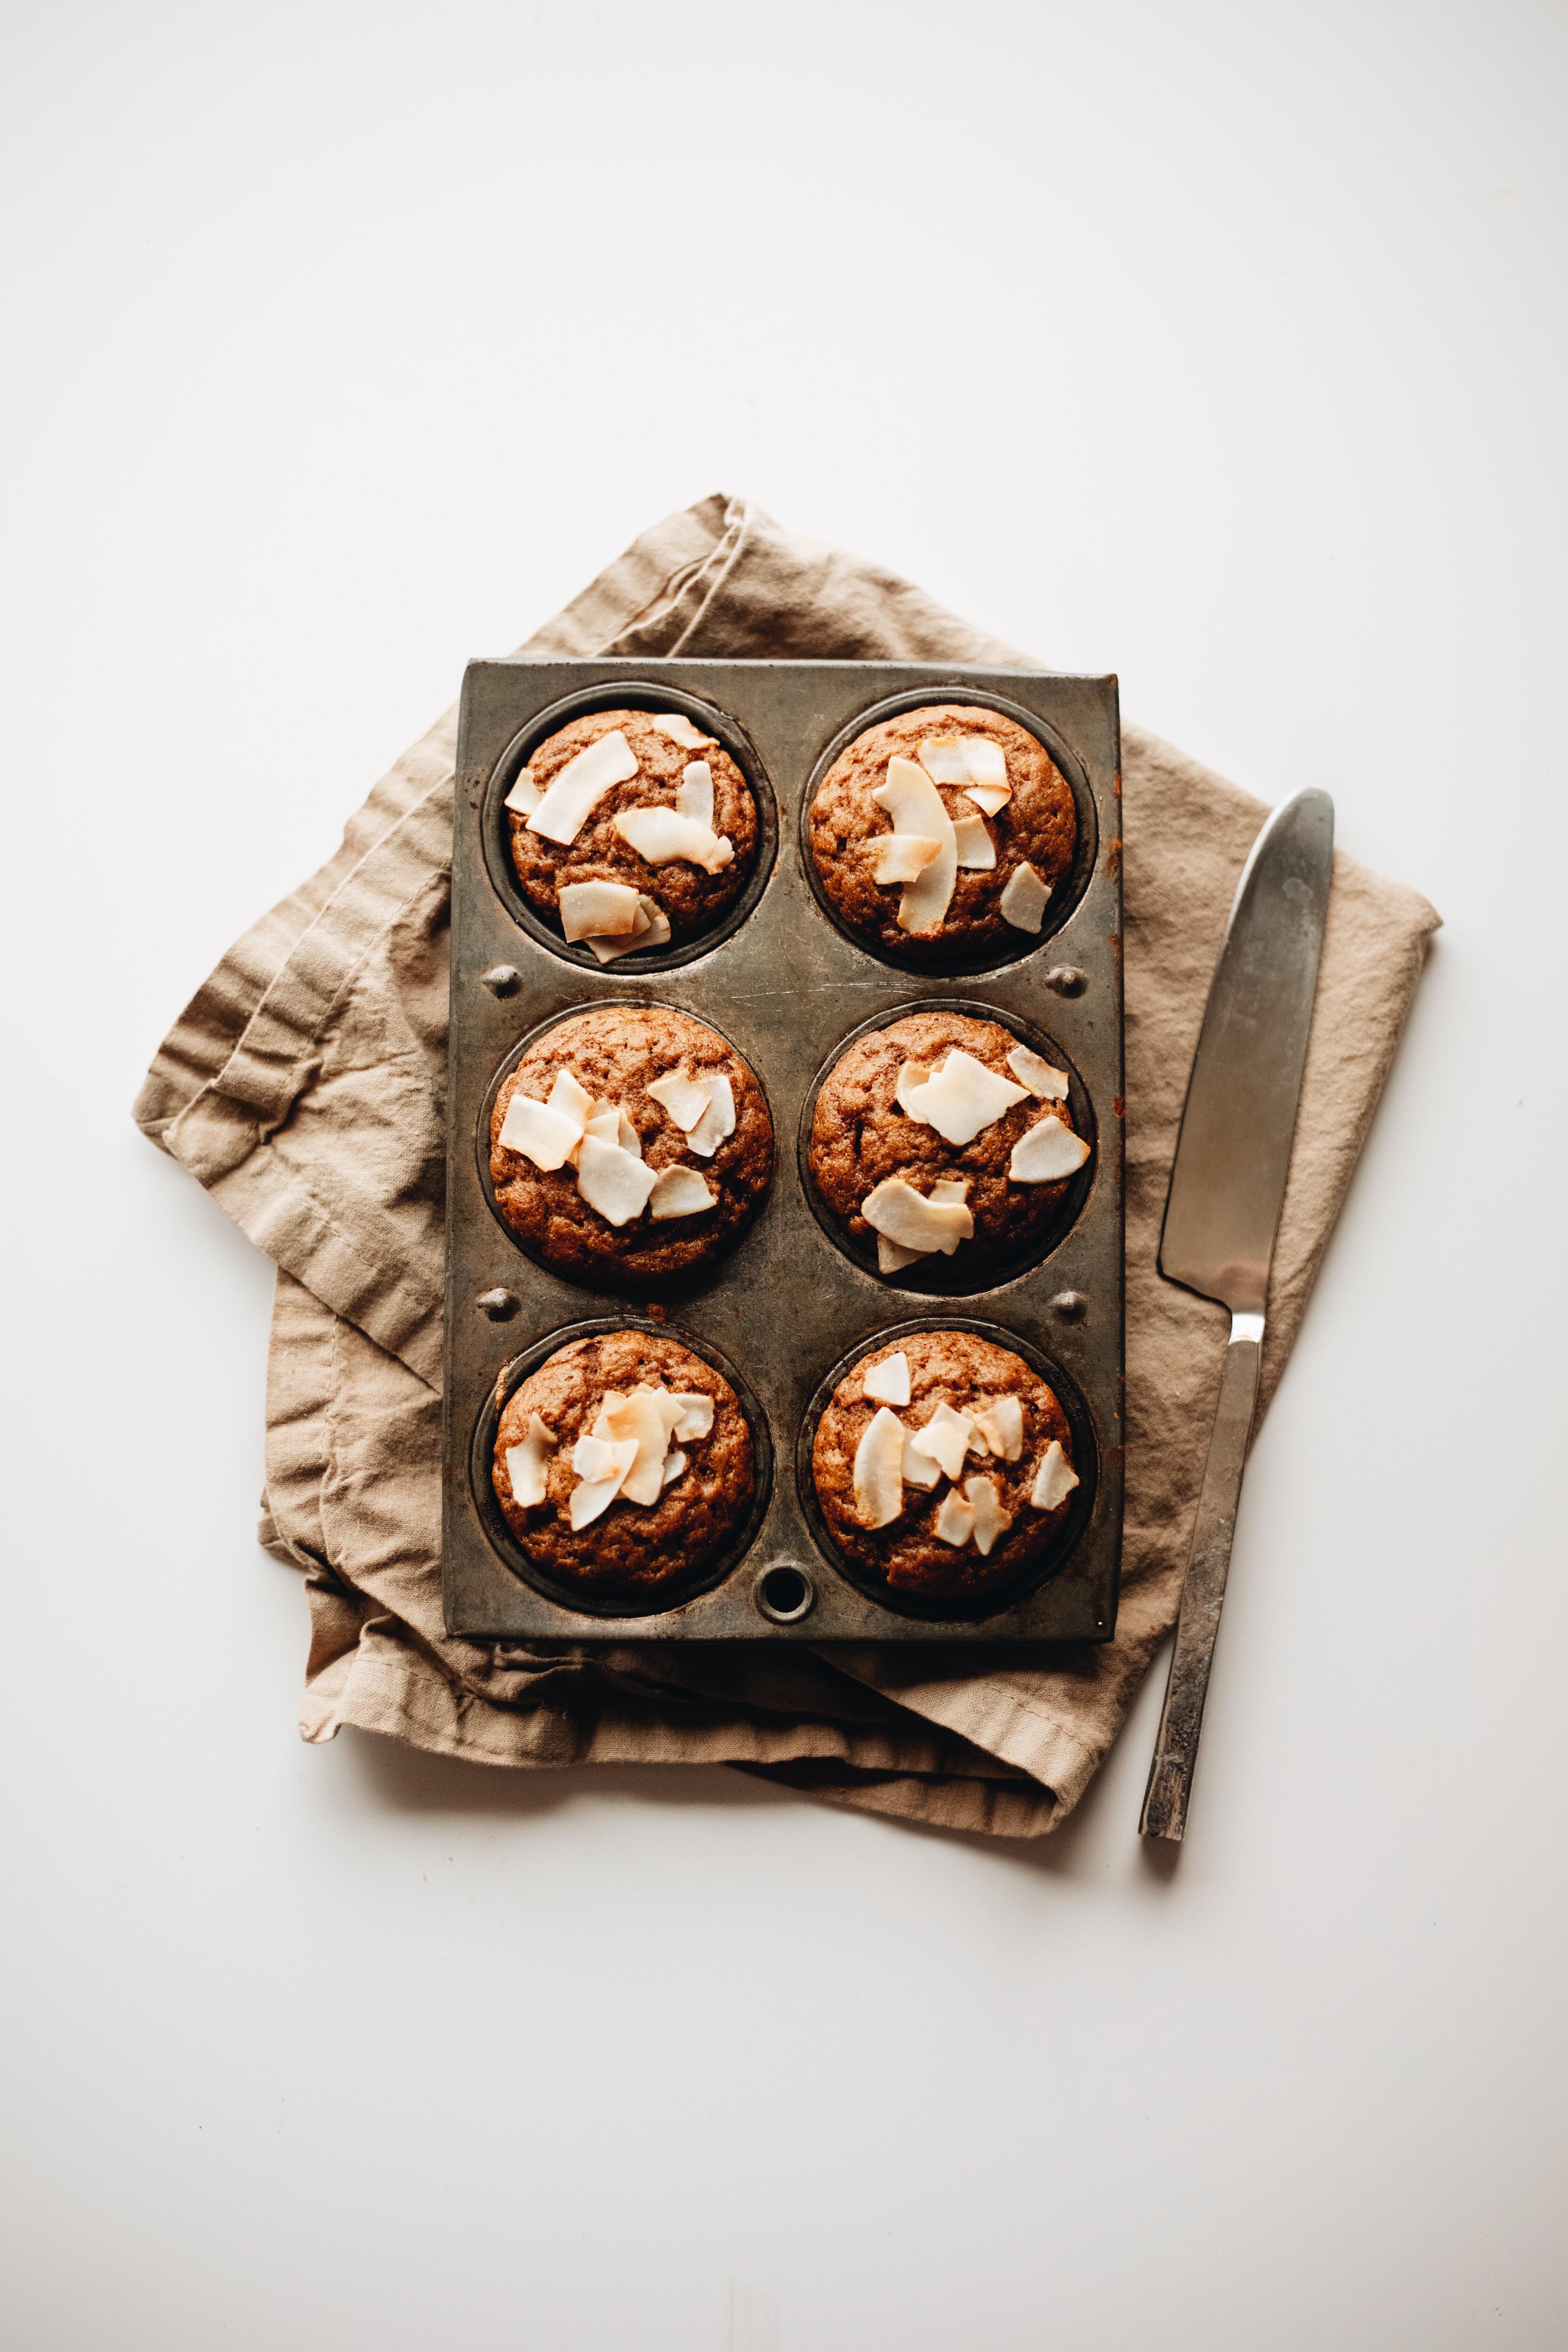 Grain free pumpkin muffins recipe